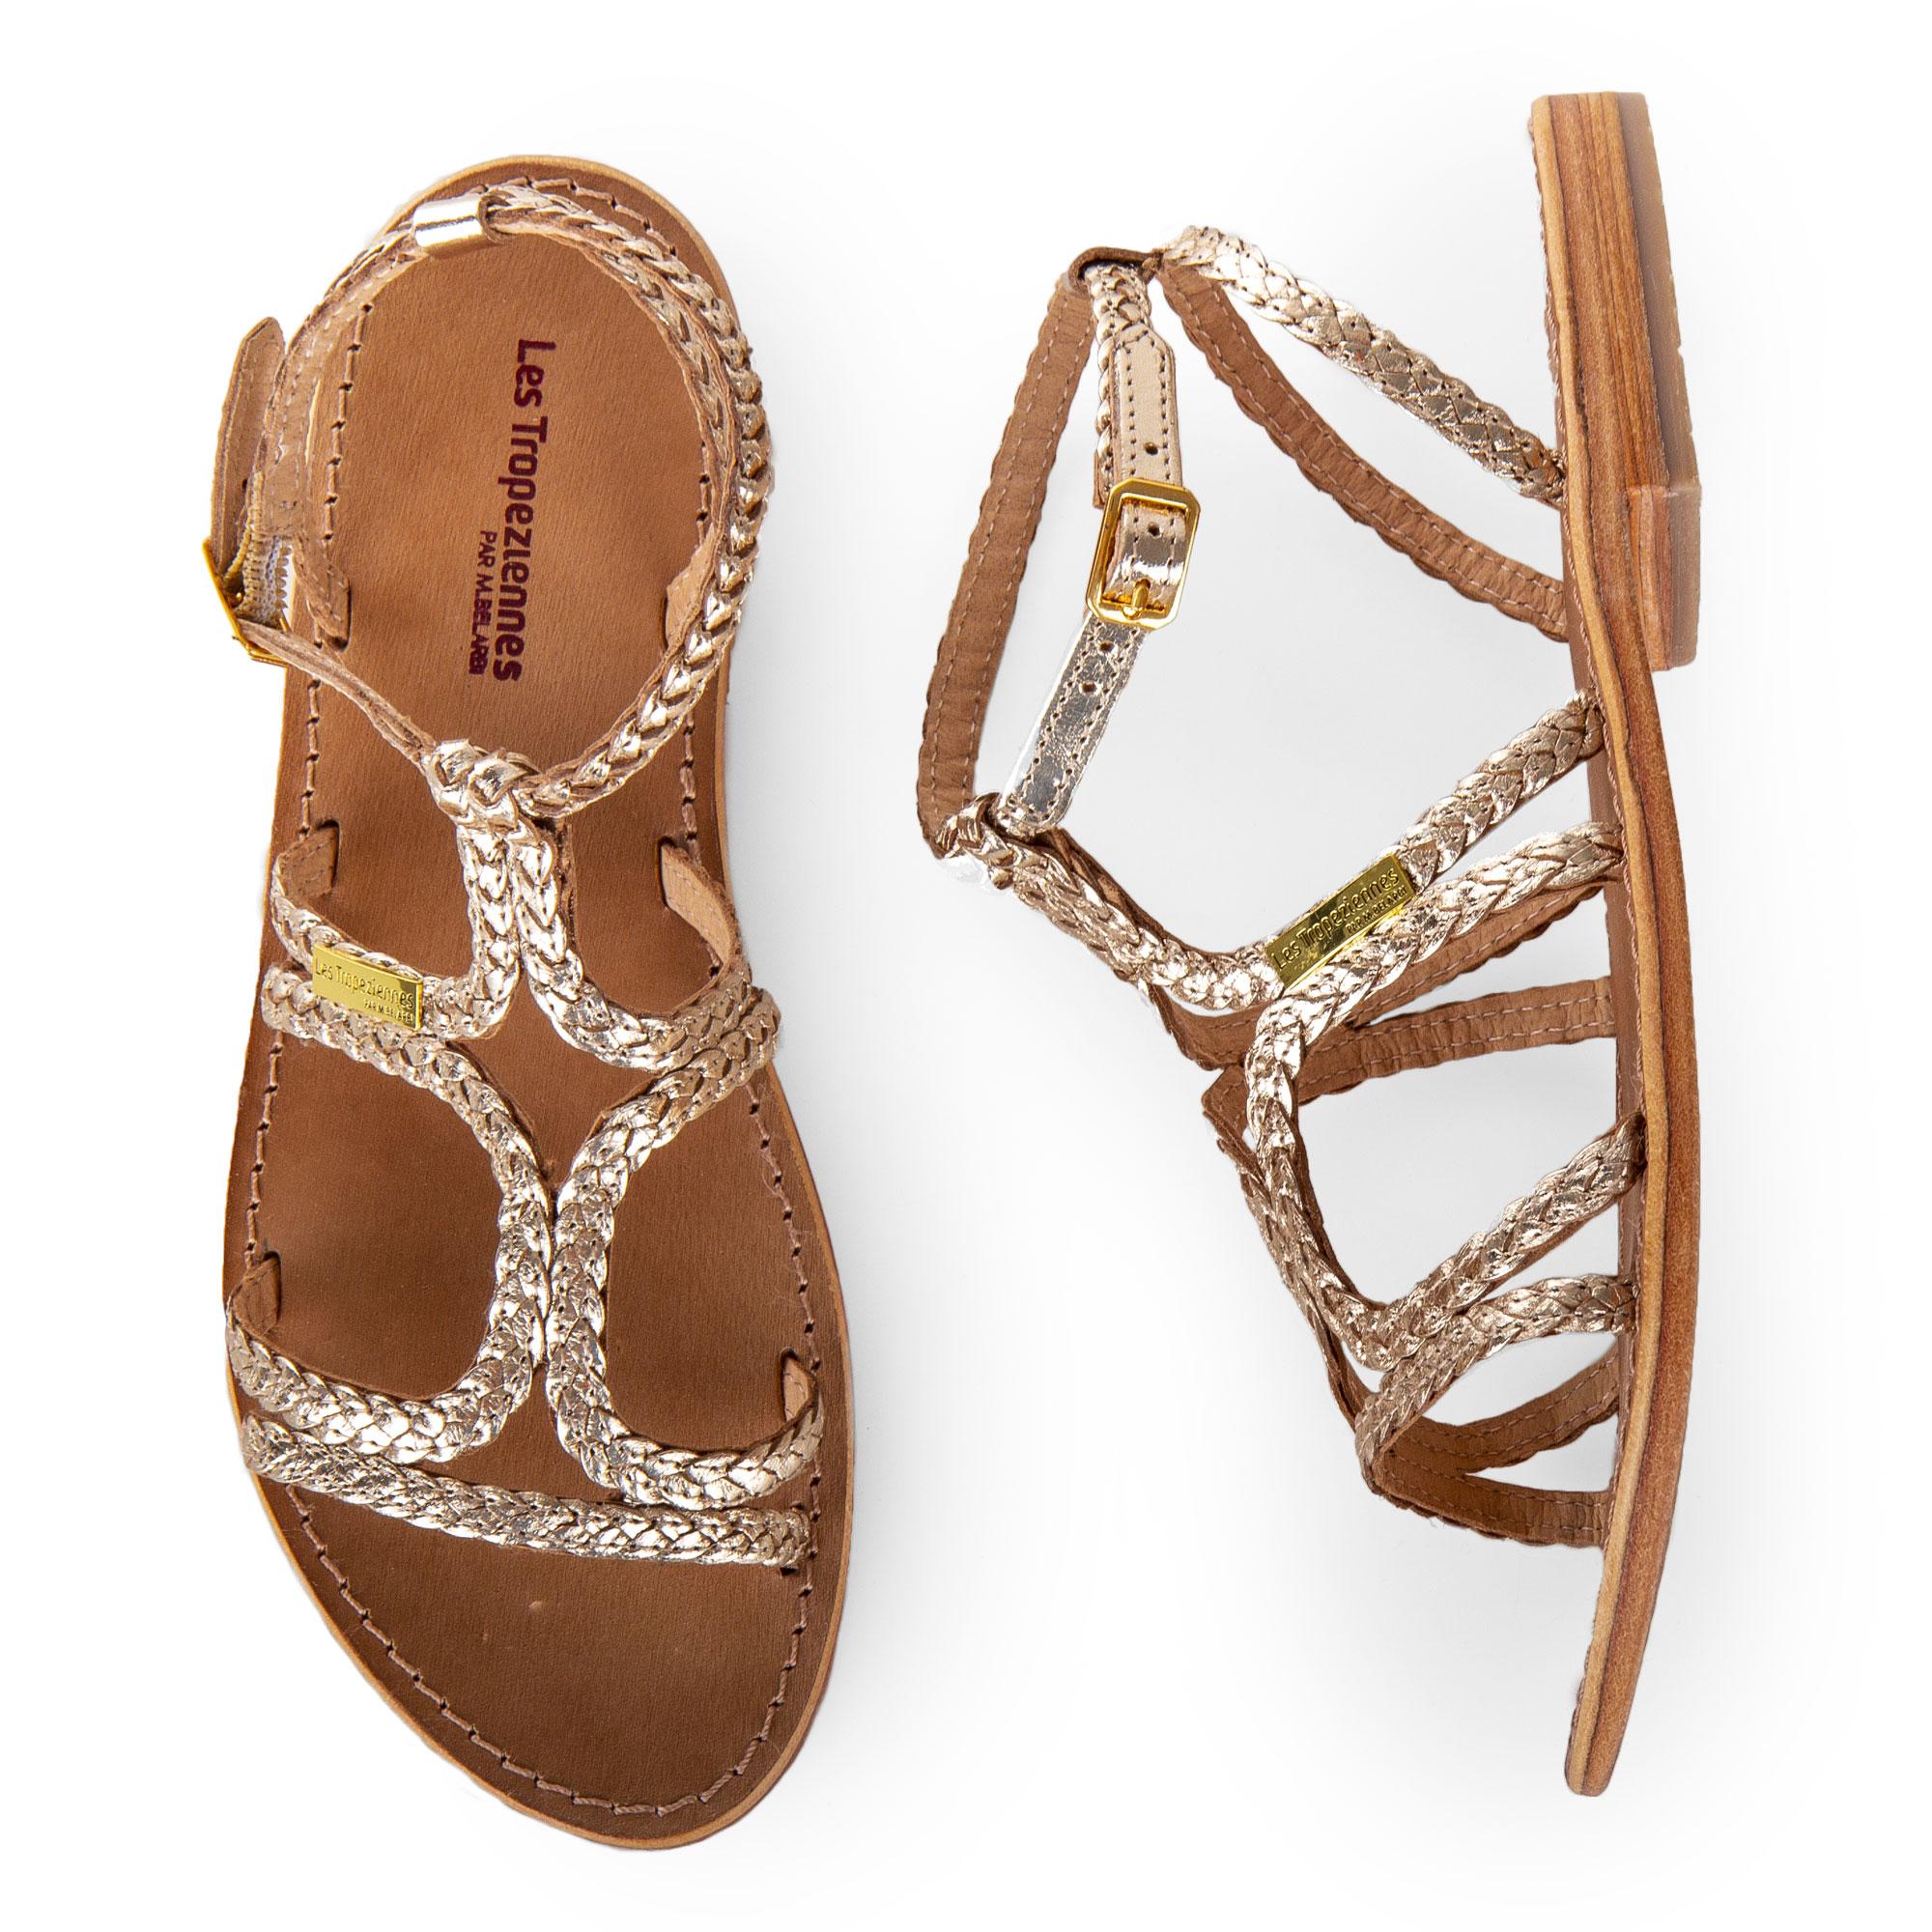 410e4218f25f4 ... ces sandales Les Tropéziennes ! Elles iront à merveille avec un total  look blanc ou noir ! Craquez